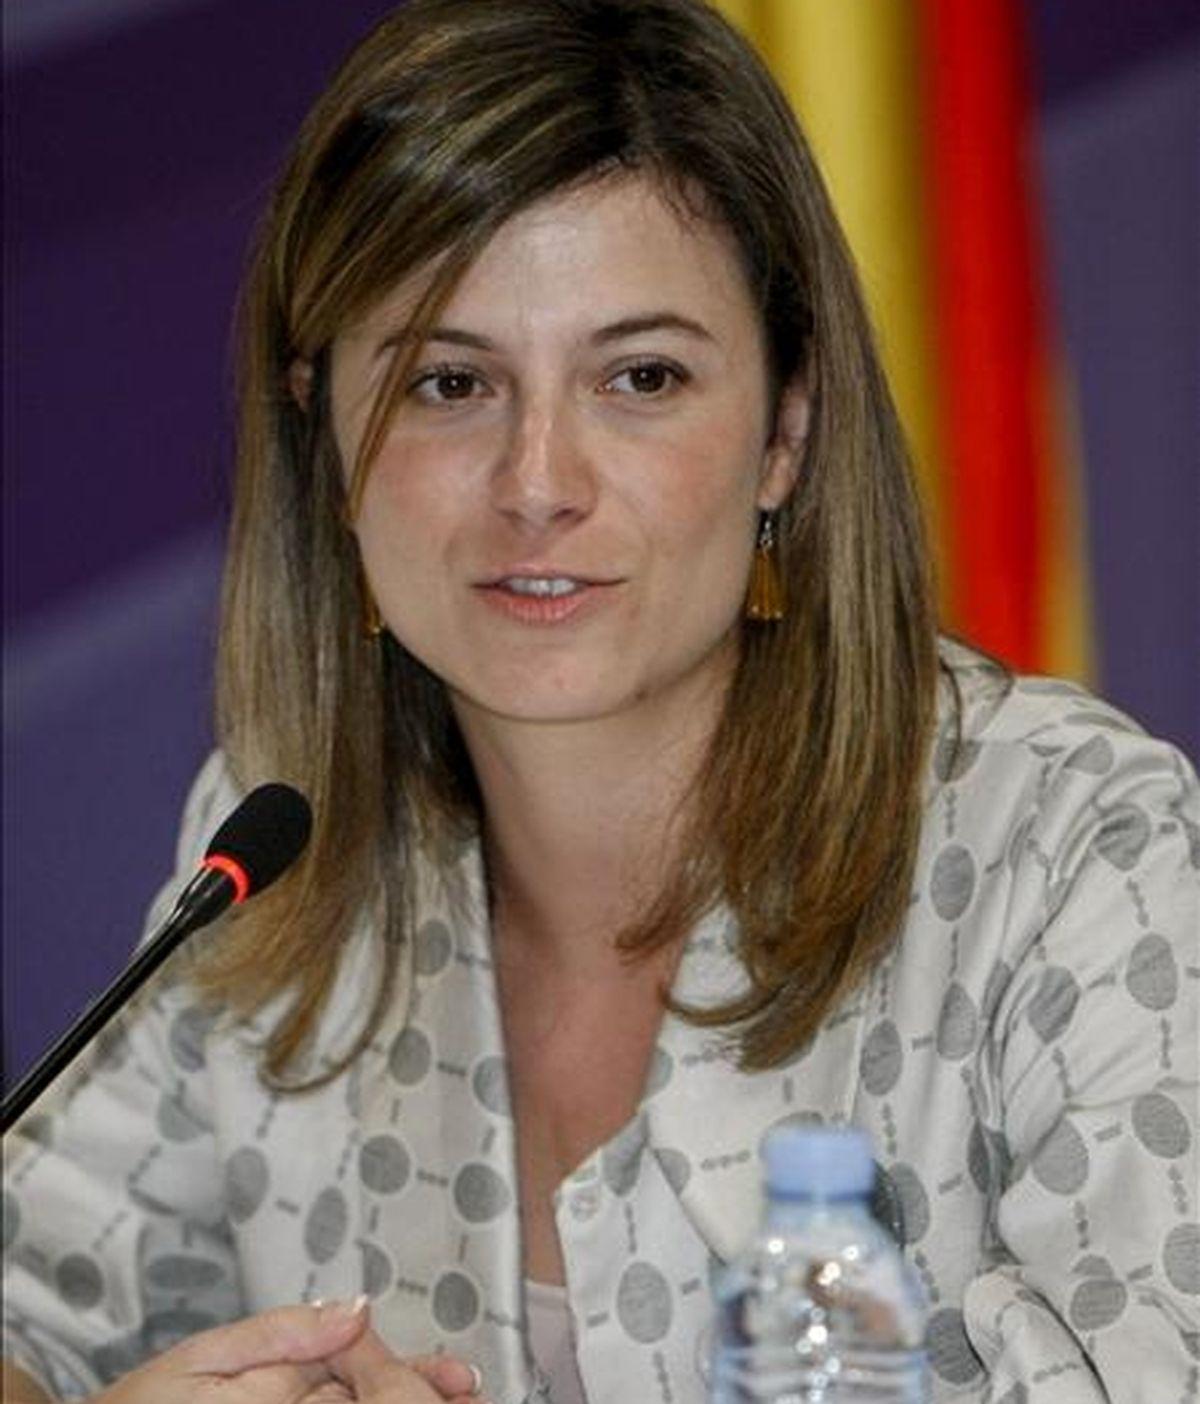 La ministra de Igualdad, Bibiana Aído. EFE/Archivo